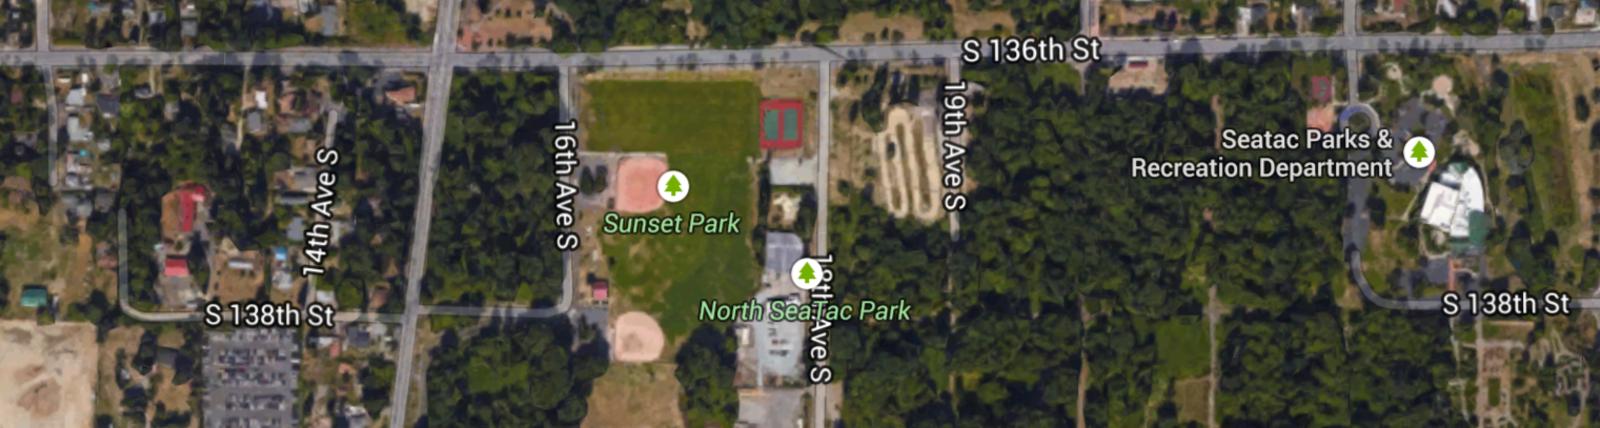 North SeaTac Park